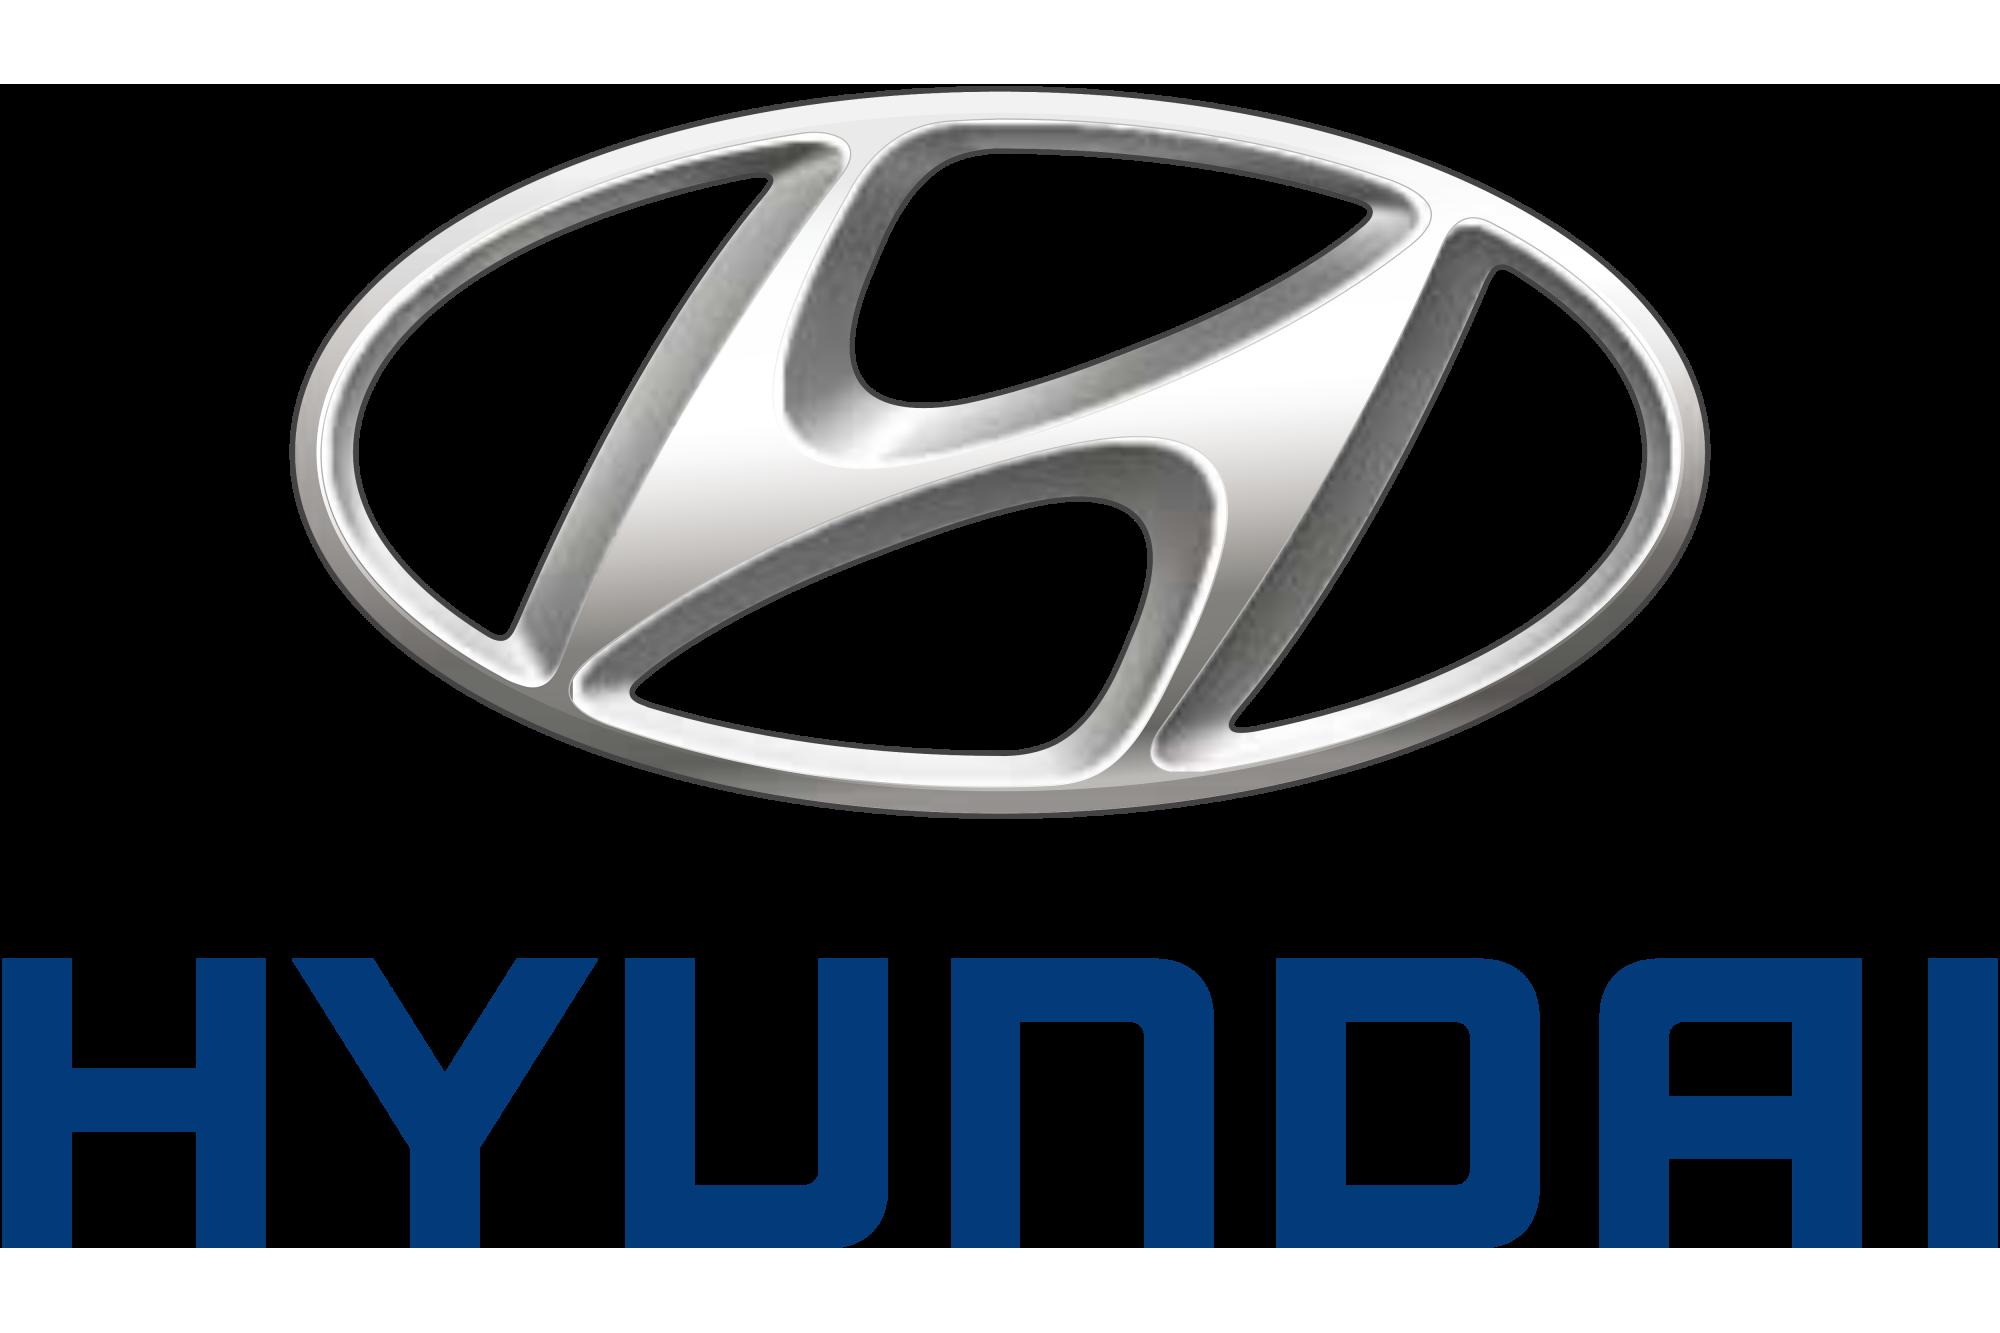 Επέκταση εργοστασιακής εγγύησης από την Hyundai